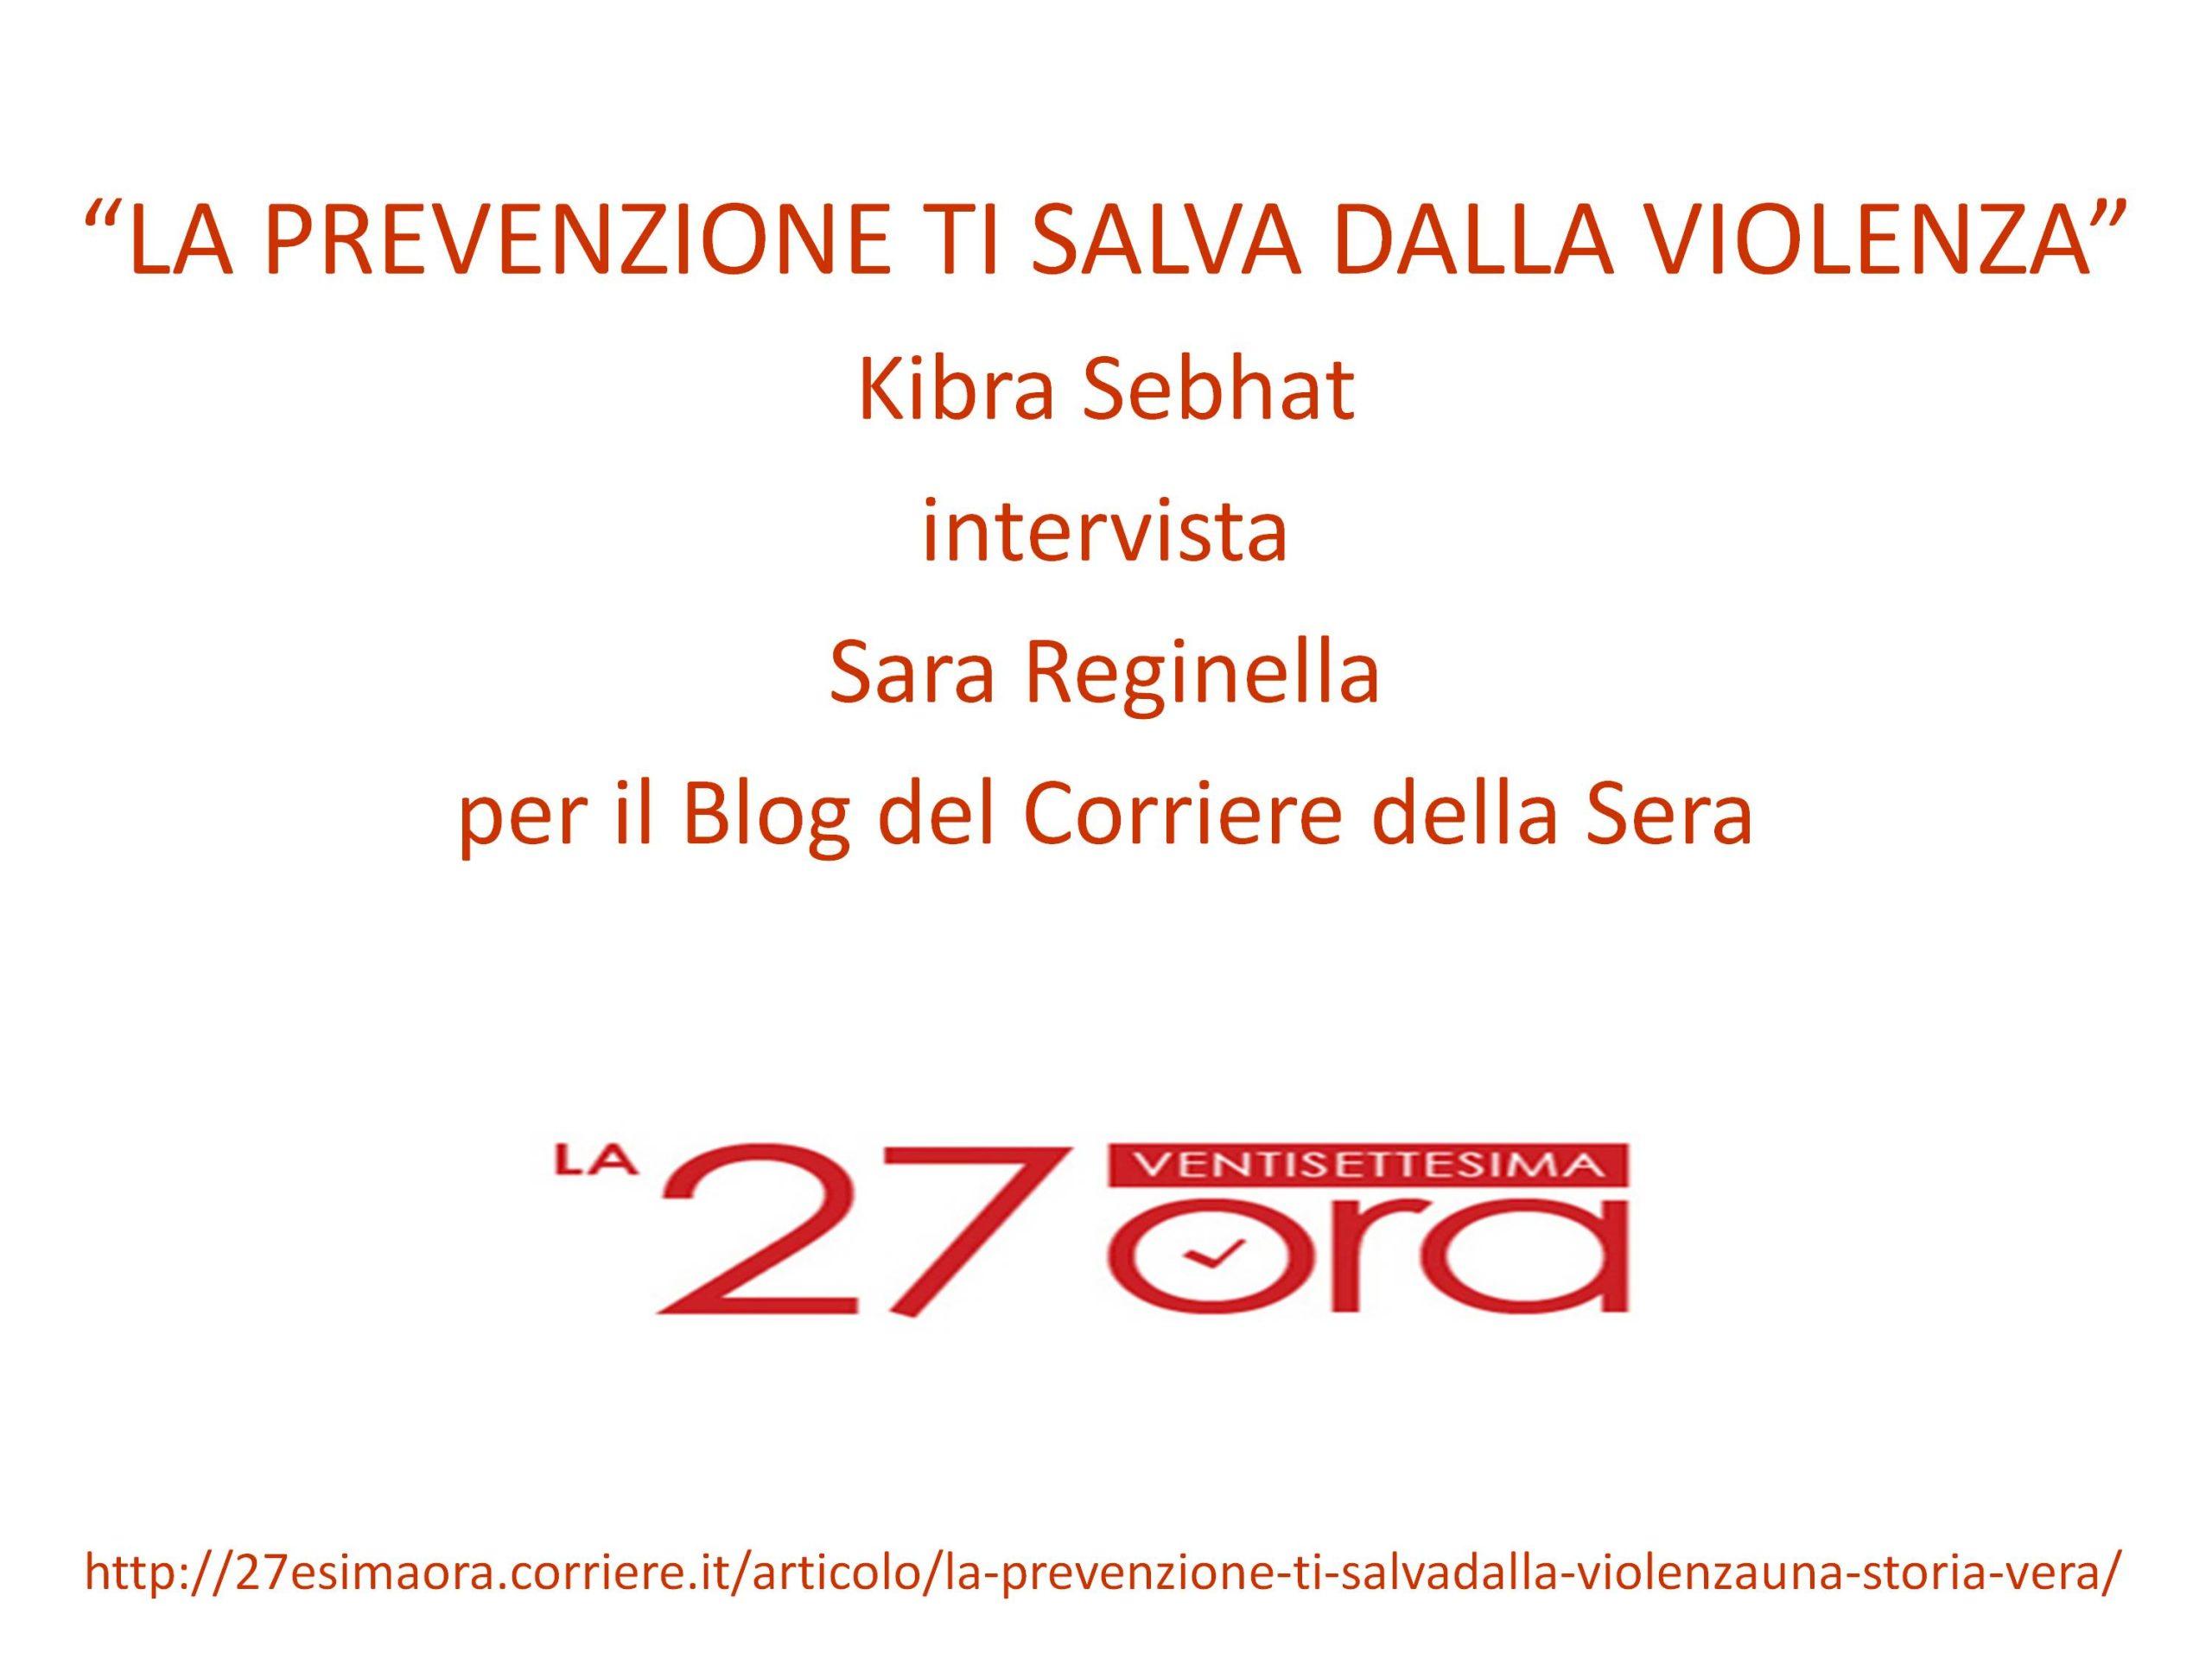 Intervista a Sara Reginella per il Blog del Corriere della Sera